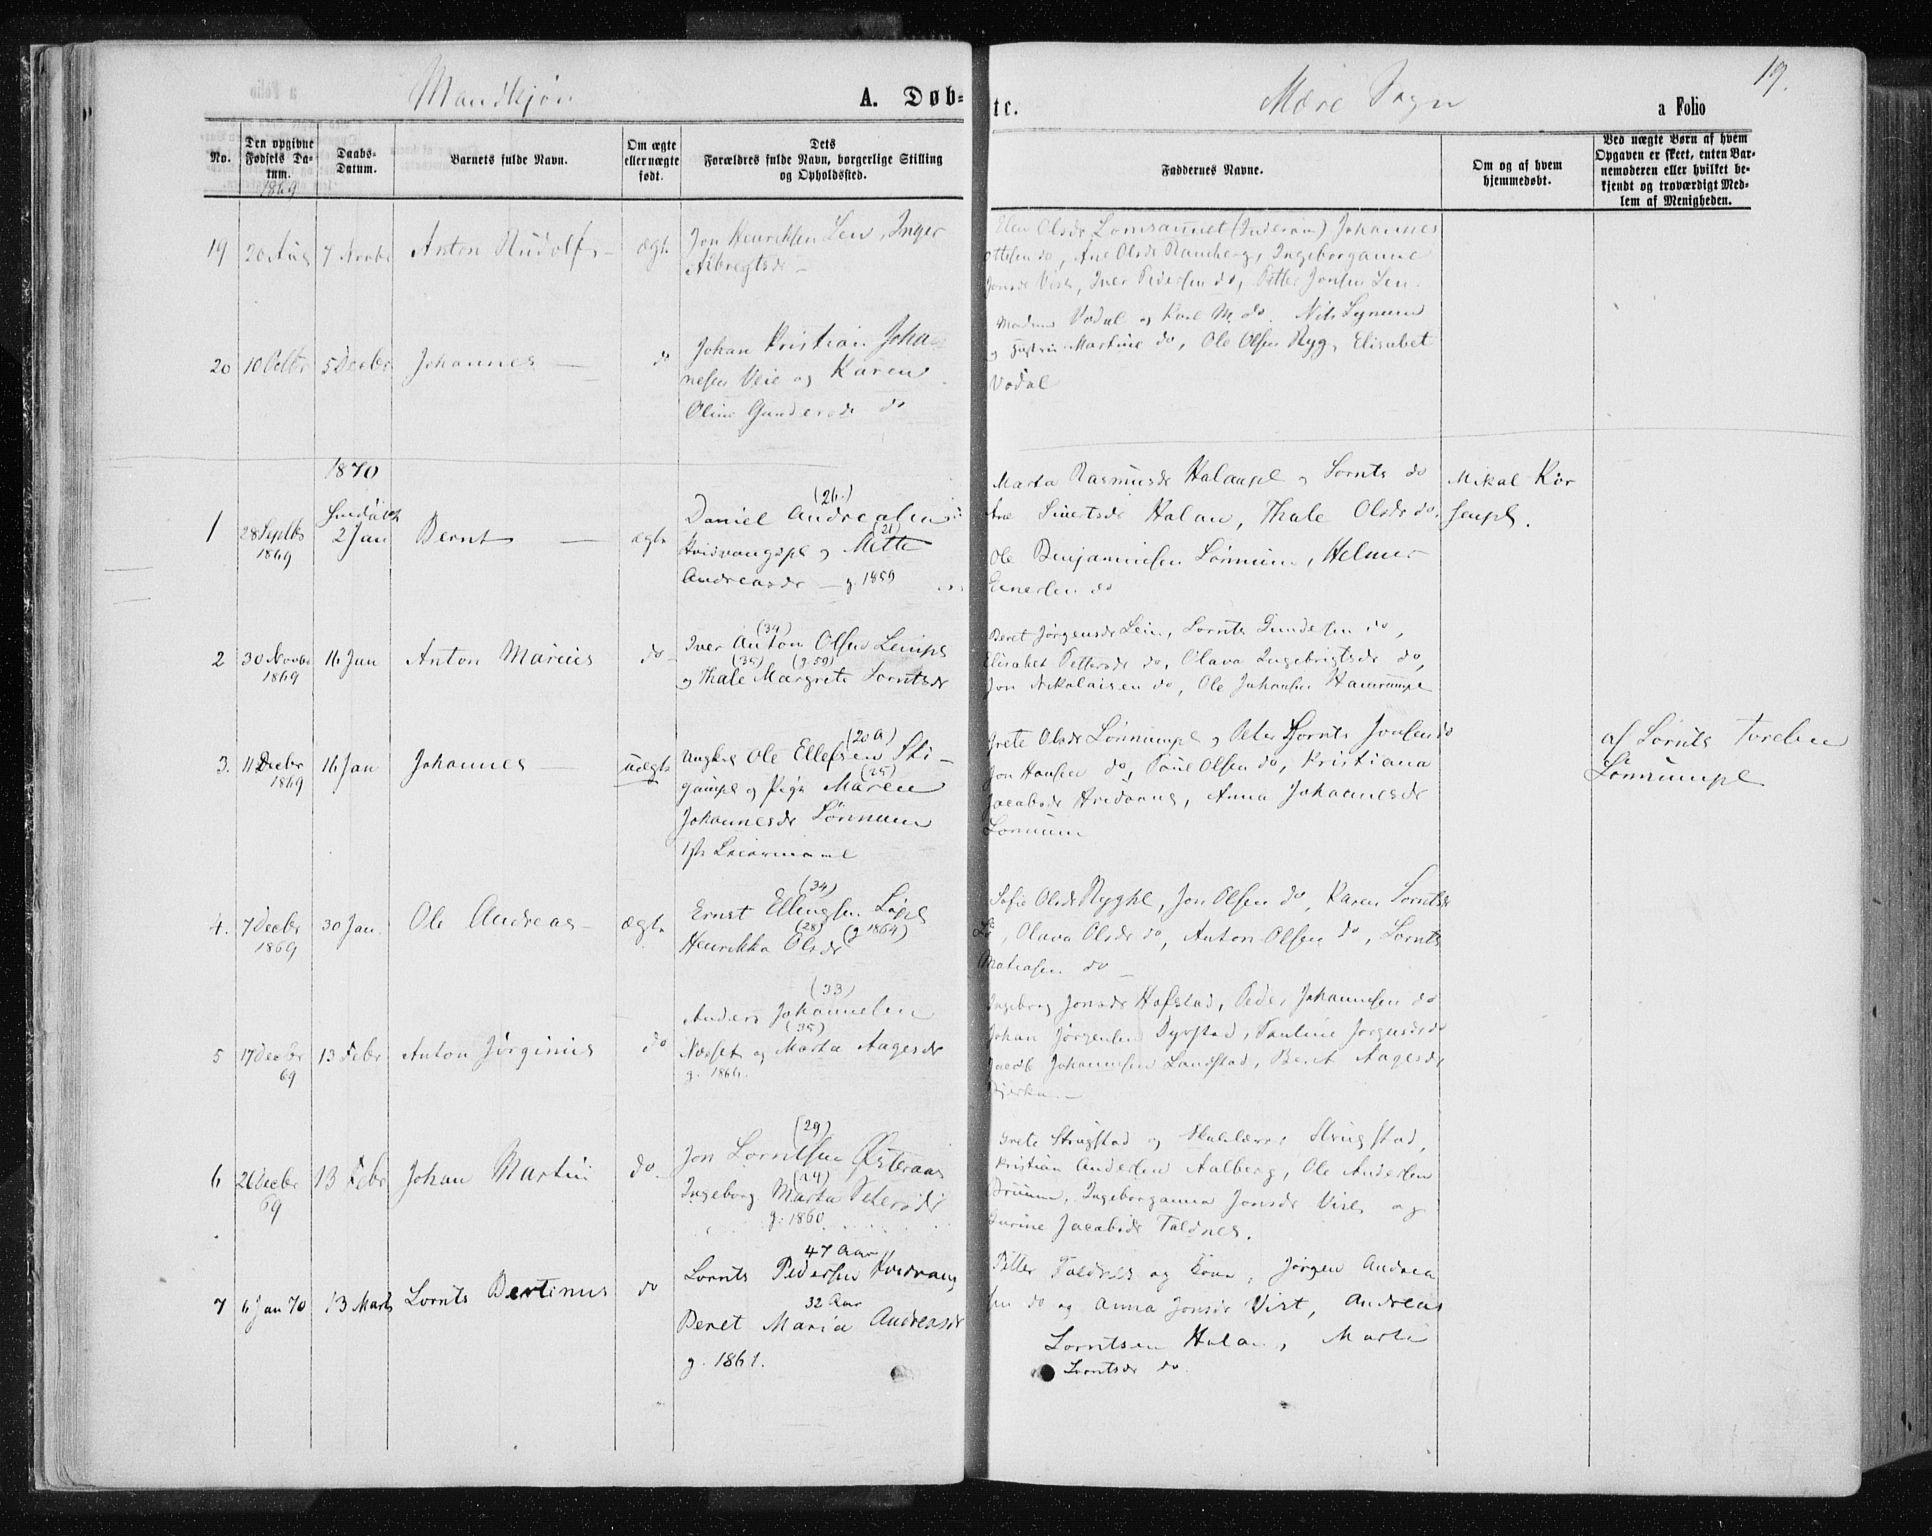 SAT, Ministerialprotokoller, klokkerbøker og fødselsregistre - Nord-Trøndelag, 735/L0345: Ministerialbok nr. 735A08 /1, 1863-1872, s. 19